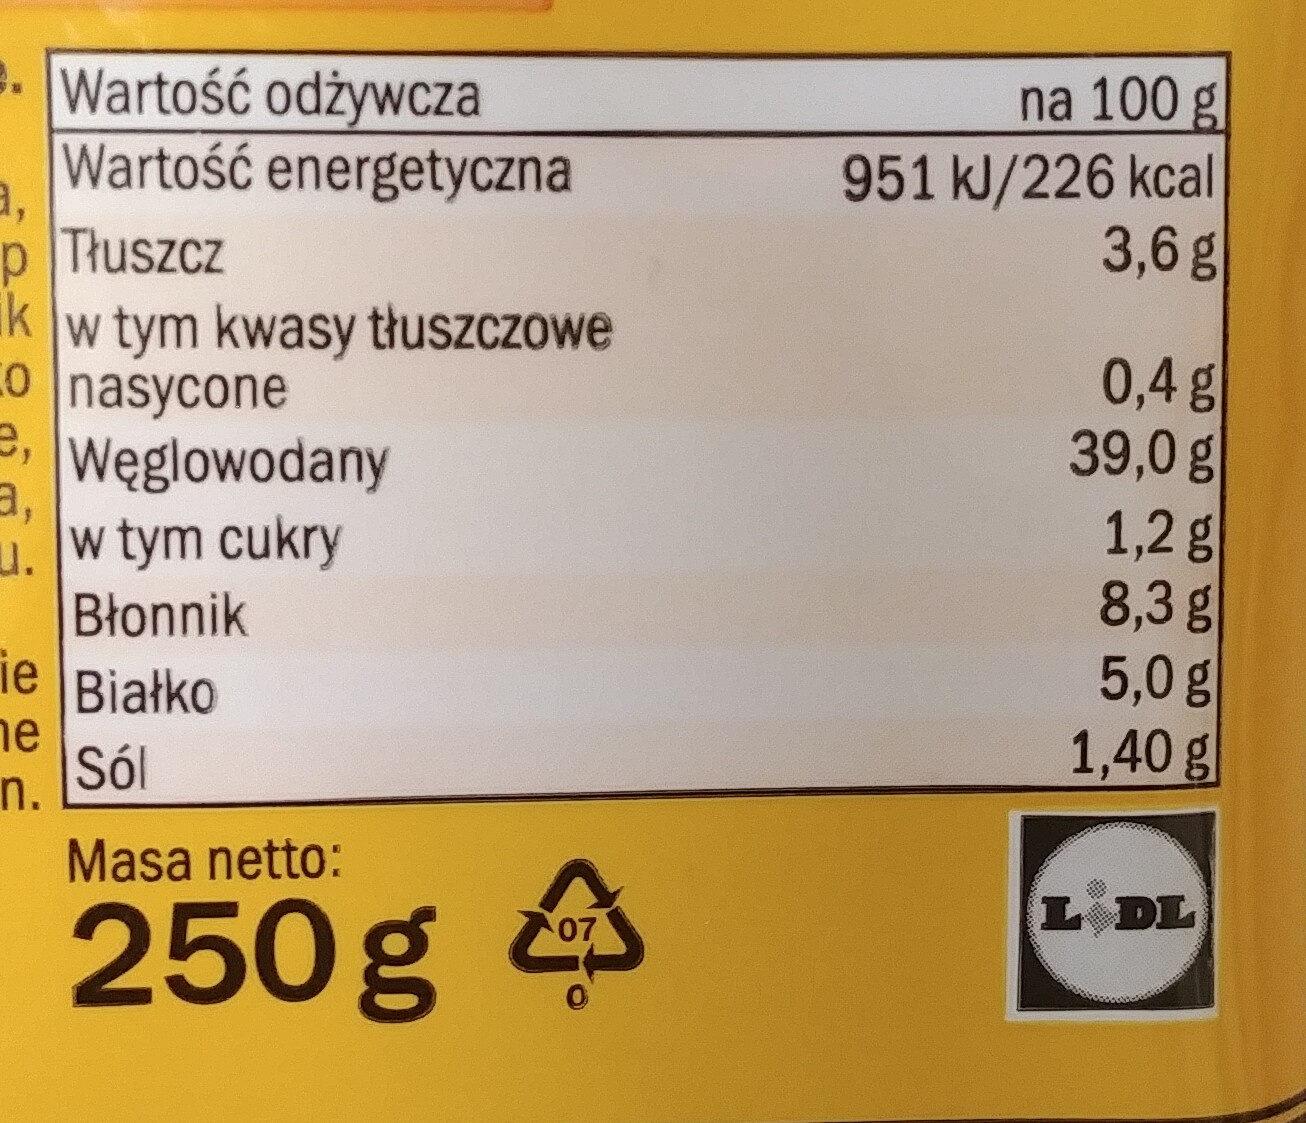 Glutenfreies helles Brot - Wartości odżywcze - pl